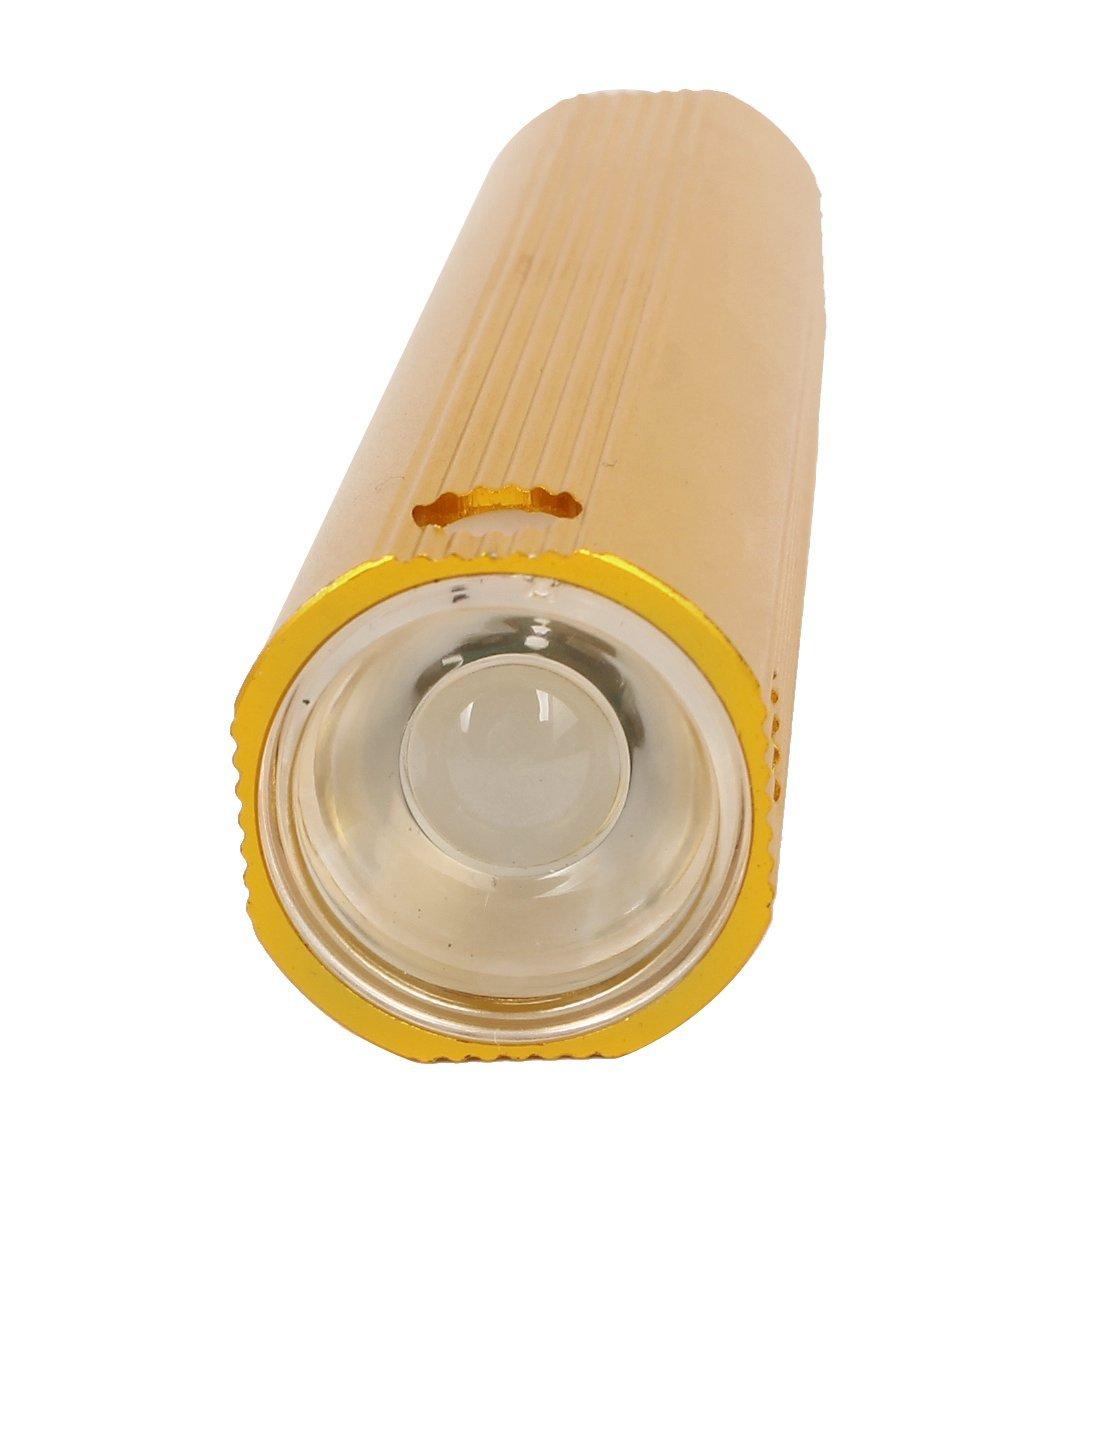 Amazon.com: eDealMax Teléfono celular de la cáscara de aluminio Cargador DE 3 modos LED linterna USB Dorado: Electronics